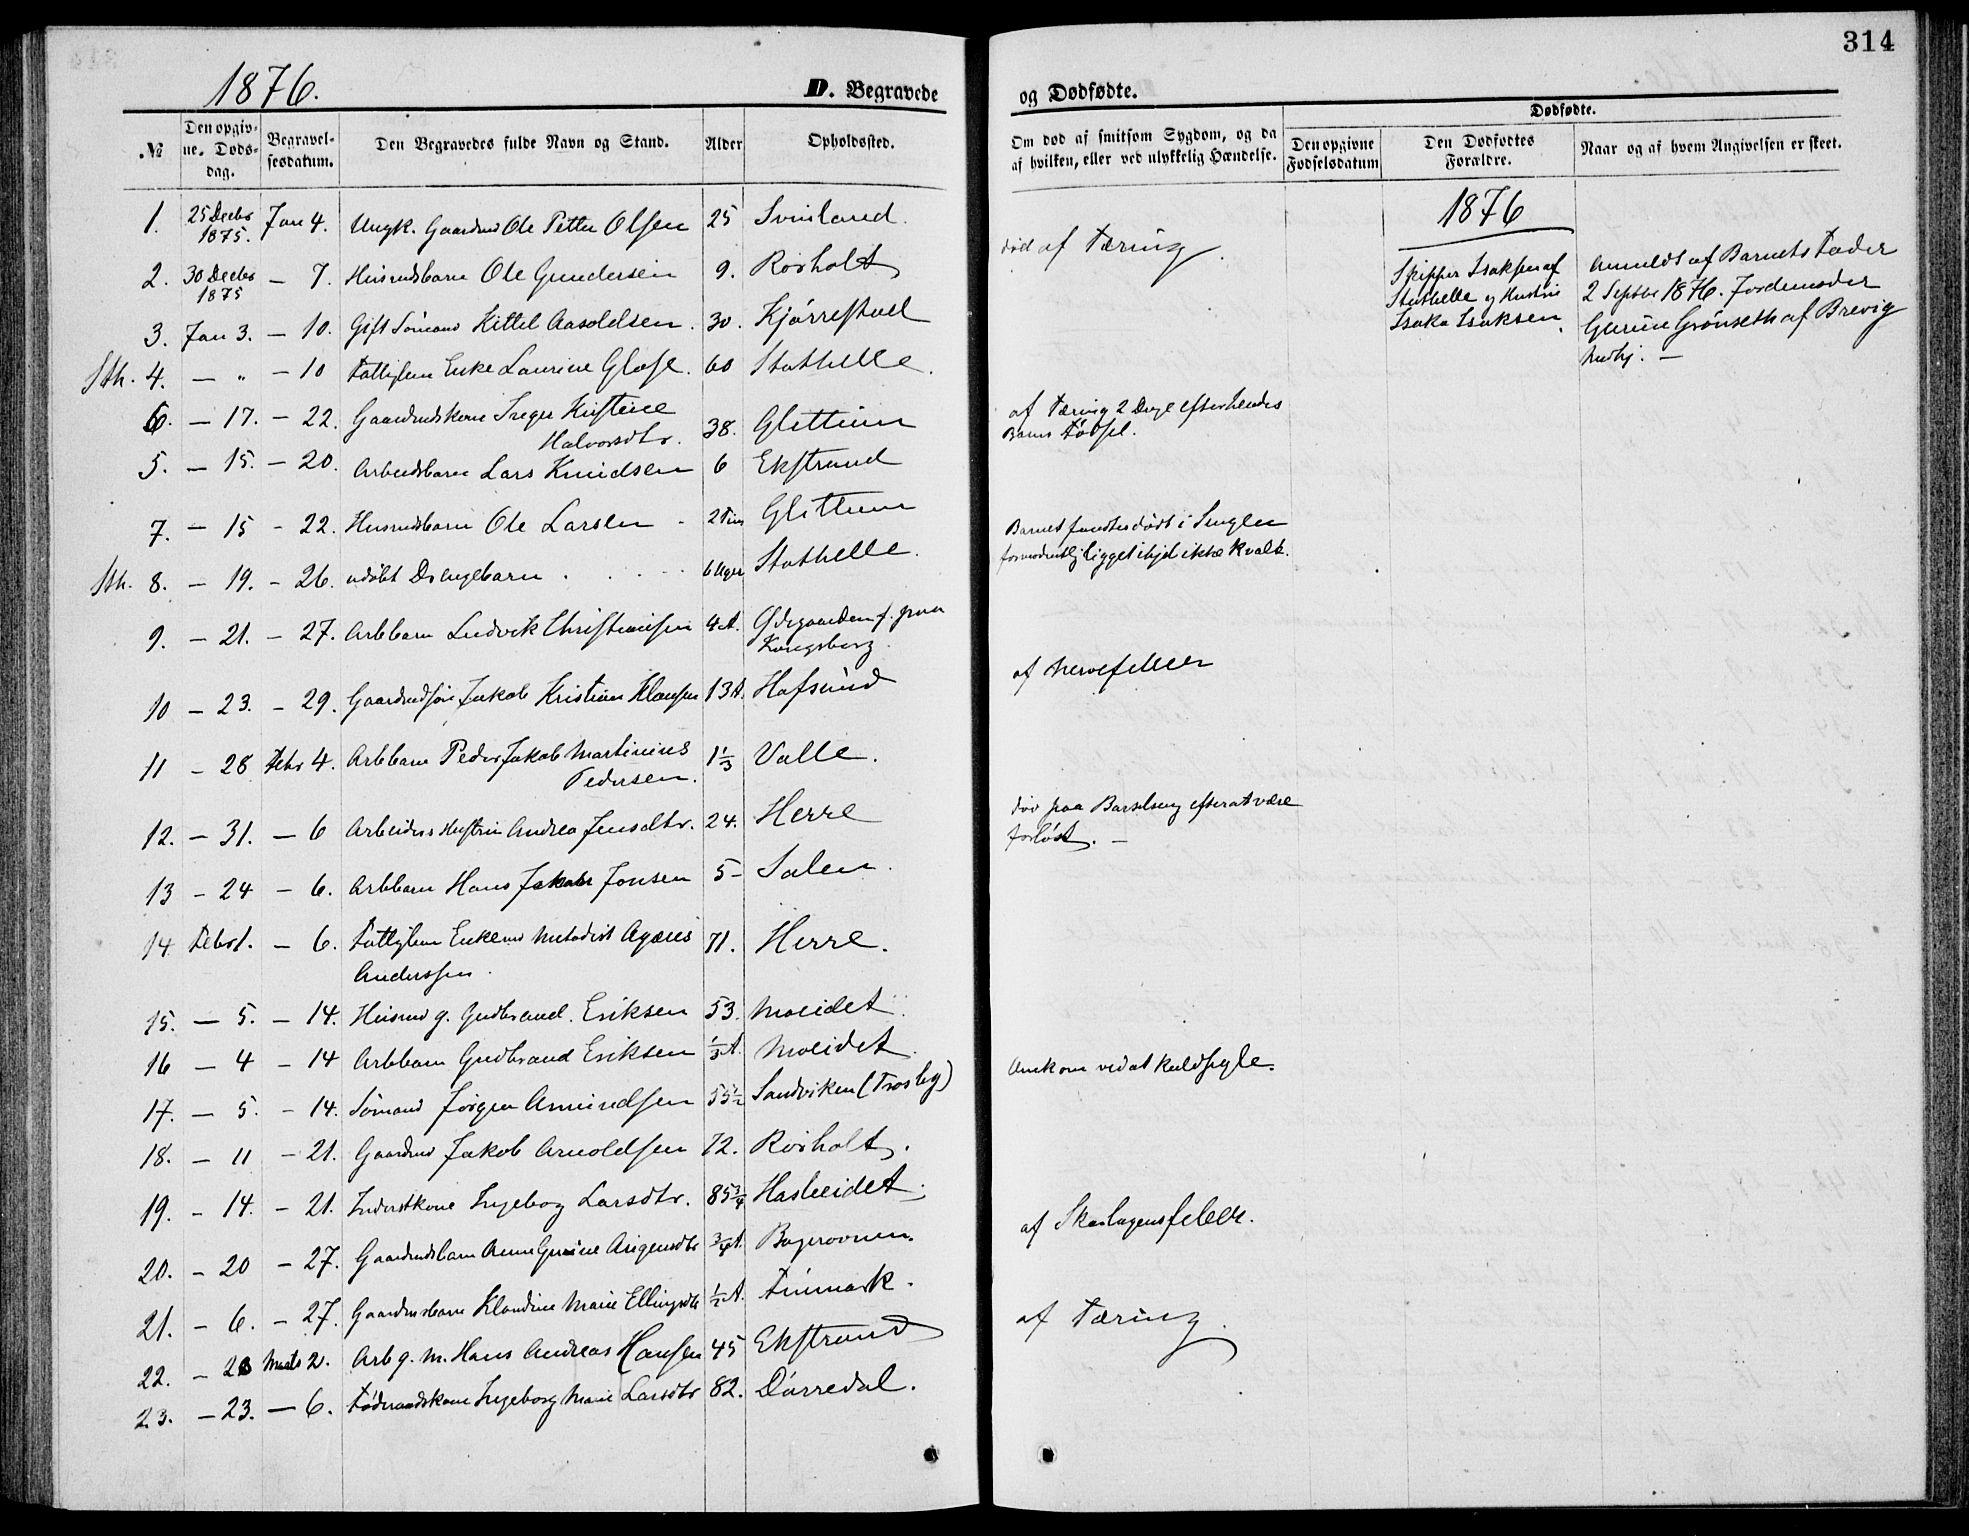 SAKO, Bamble kirkebøker, G/Ga/L0007: Klokkerbok nr. I 7, 1876-1877, s. 314